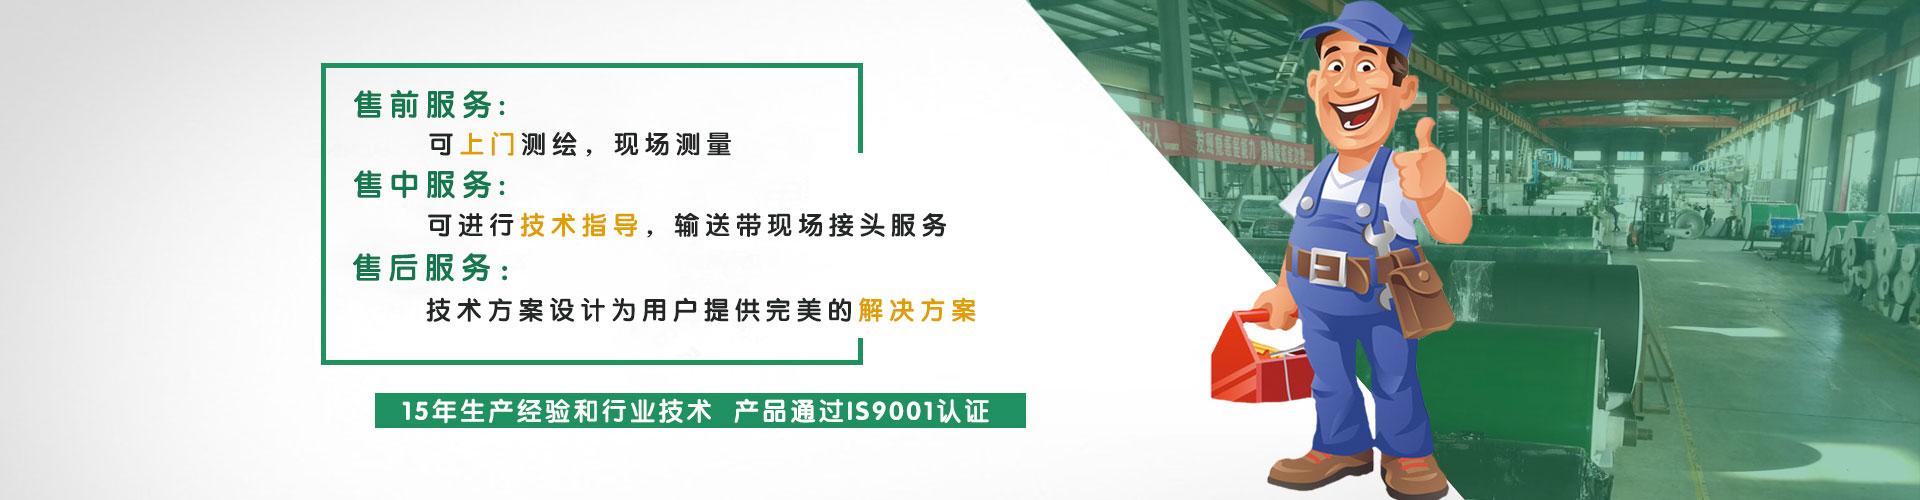 上海赢咖5可以对pvc赢咖5上门接头现场测量